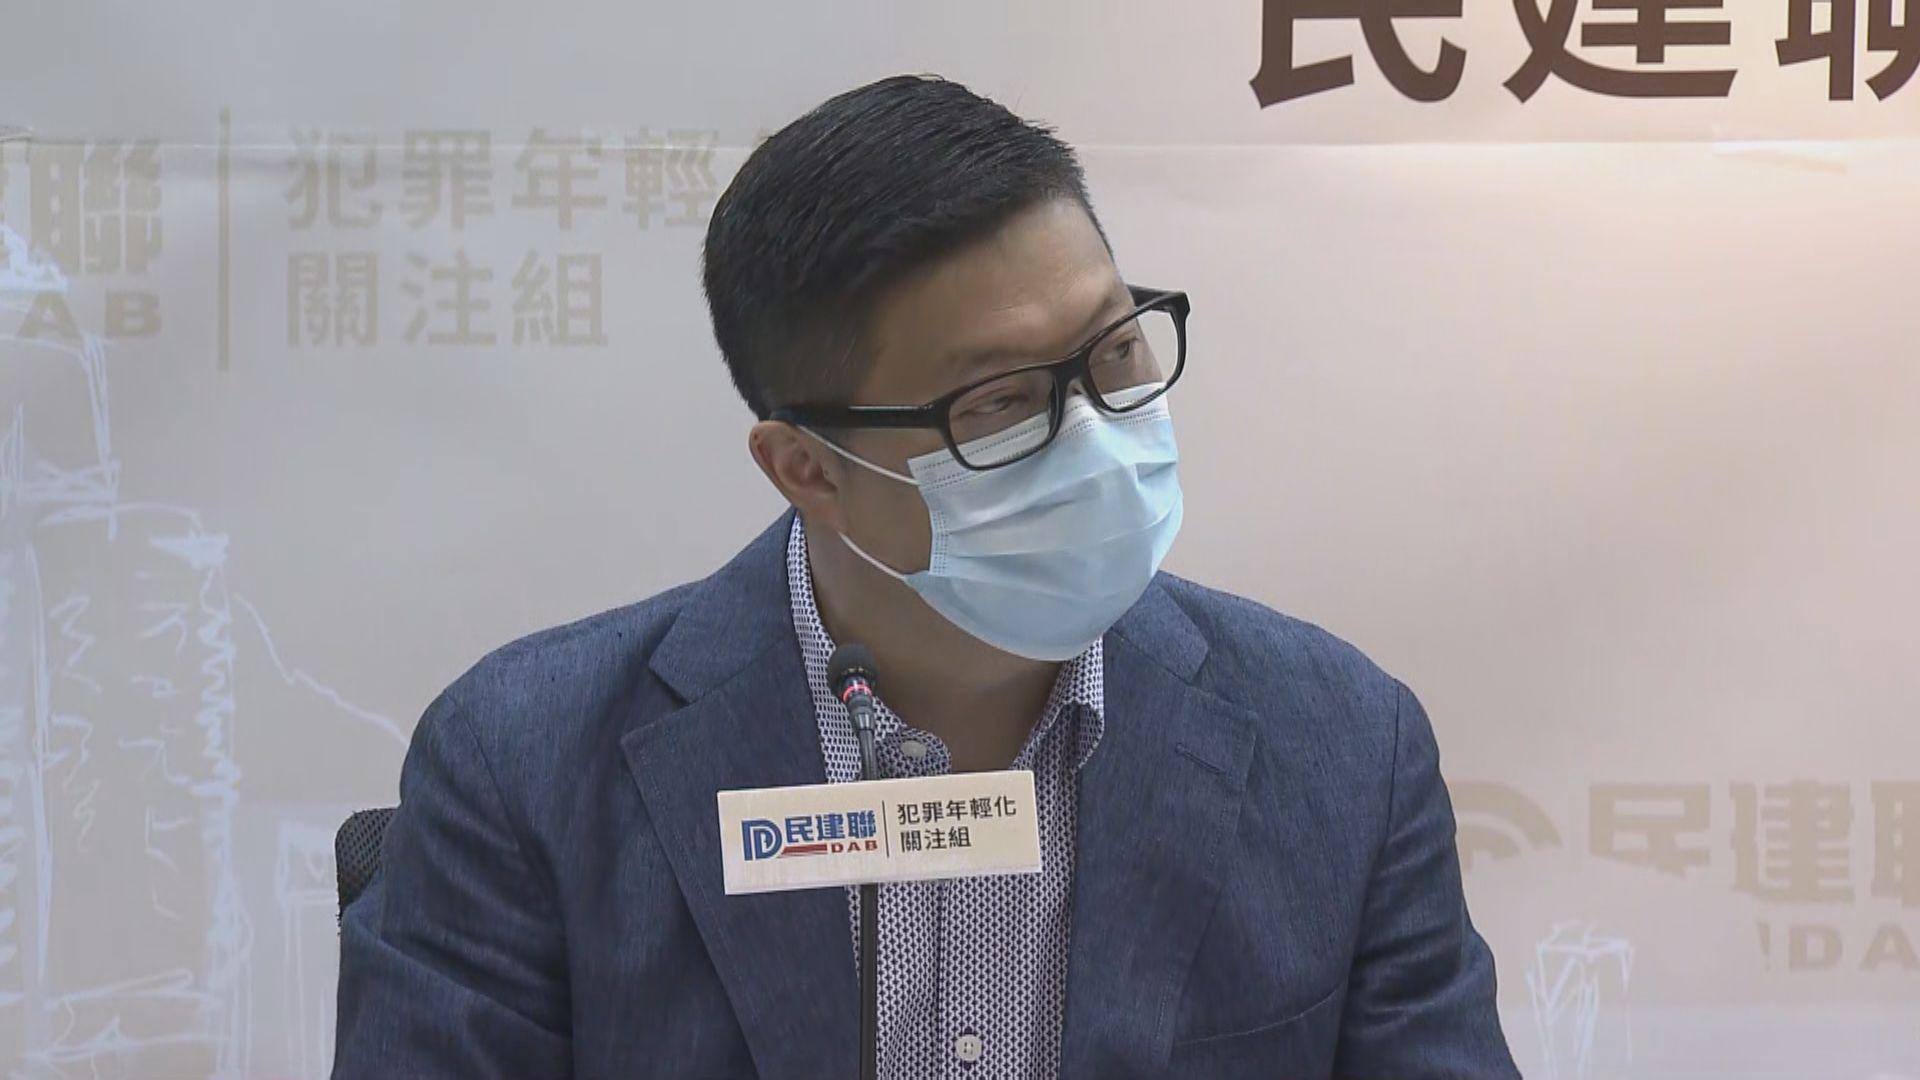 鄧炳強:考慮檢控以外形式處理個別非最嚴重反修例案件